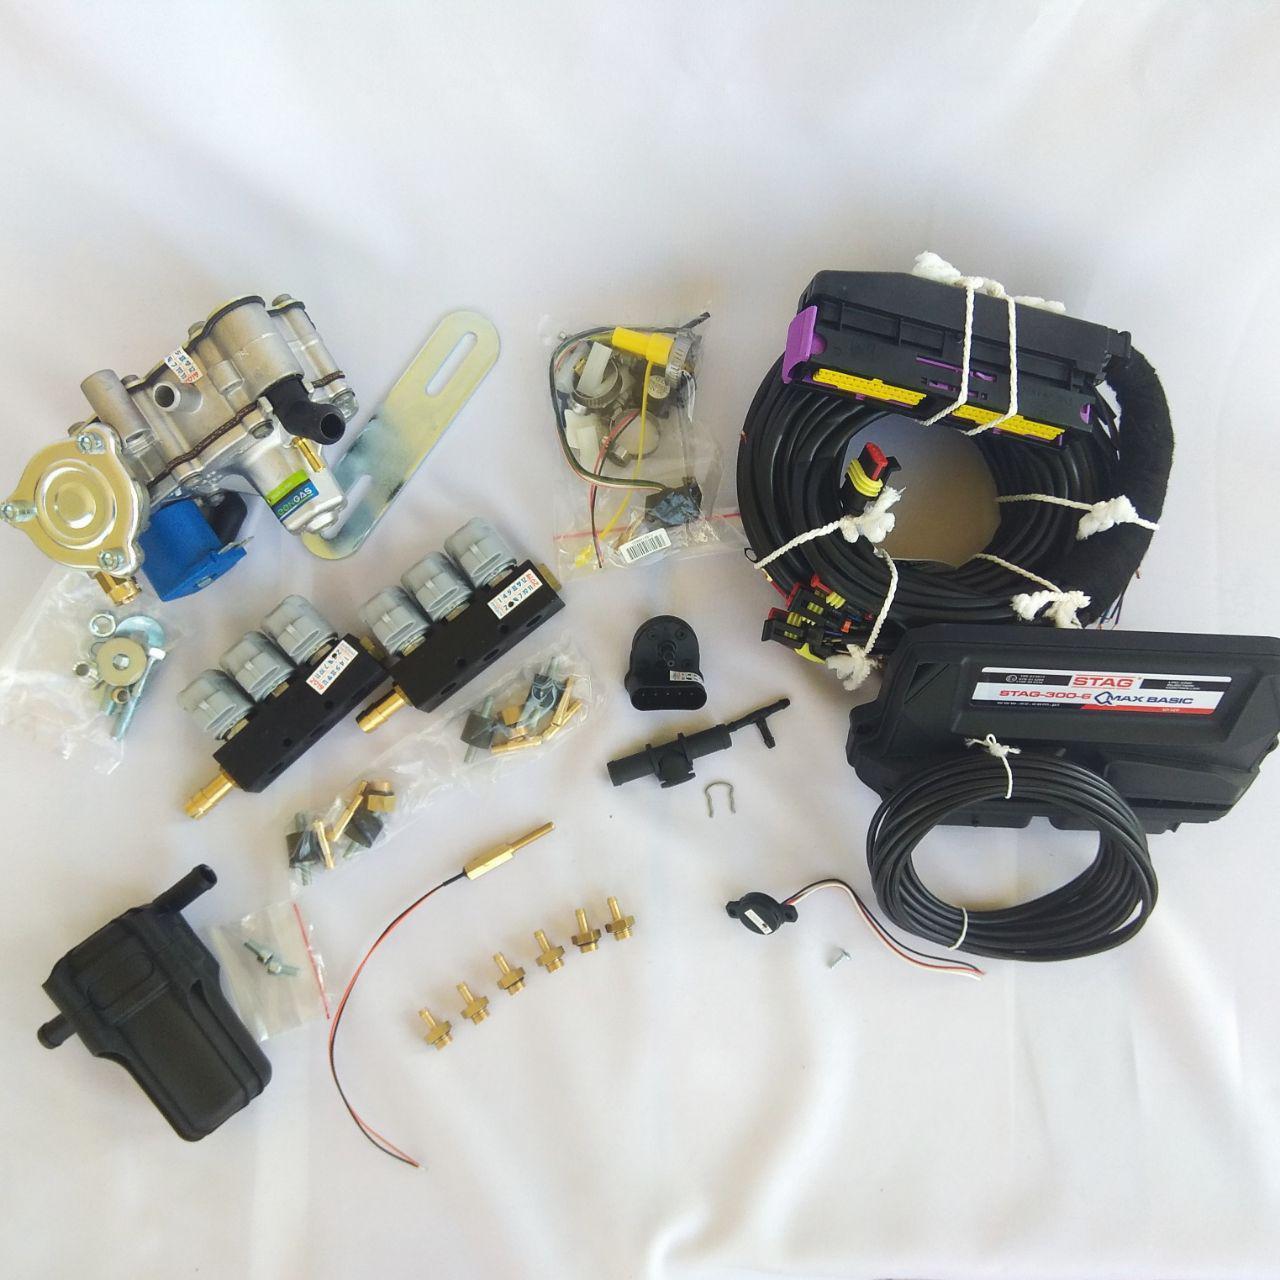 Комплект ГБО 4 для 6-ти цилиндр STAG-300-6 Q Max Basic